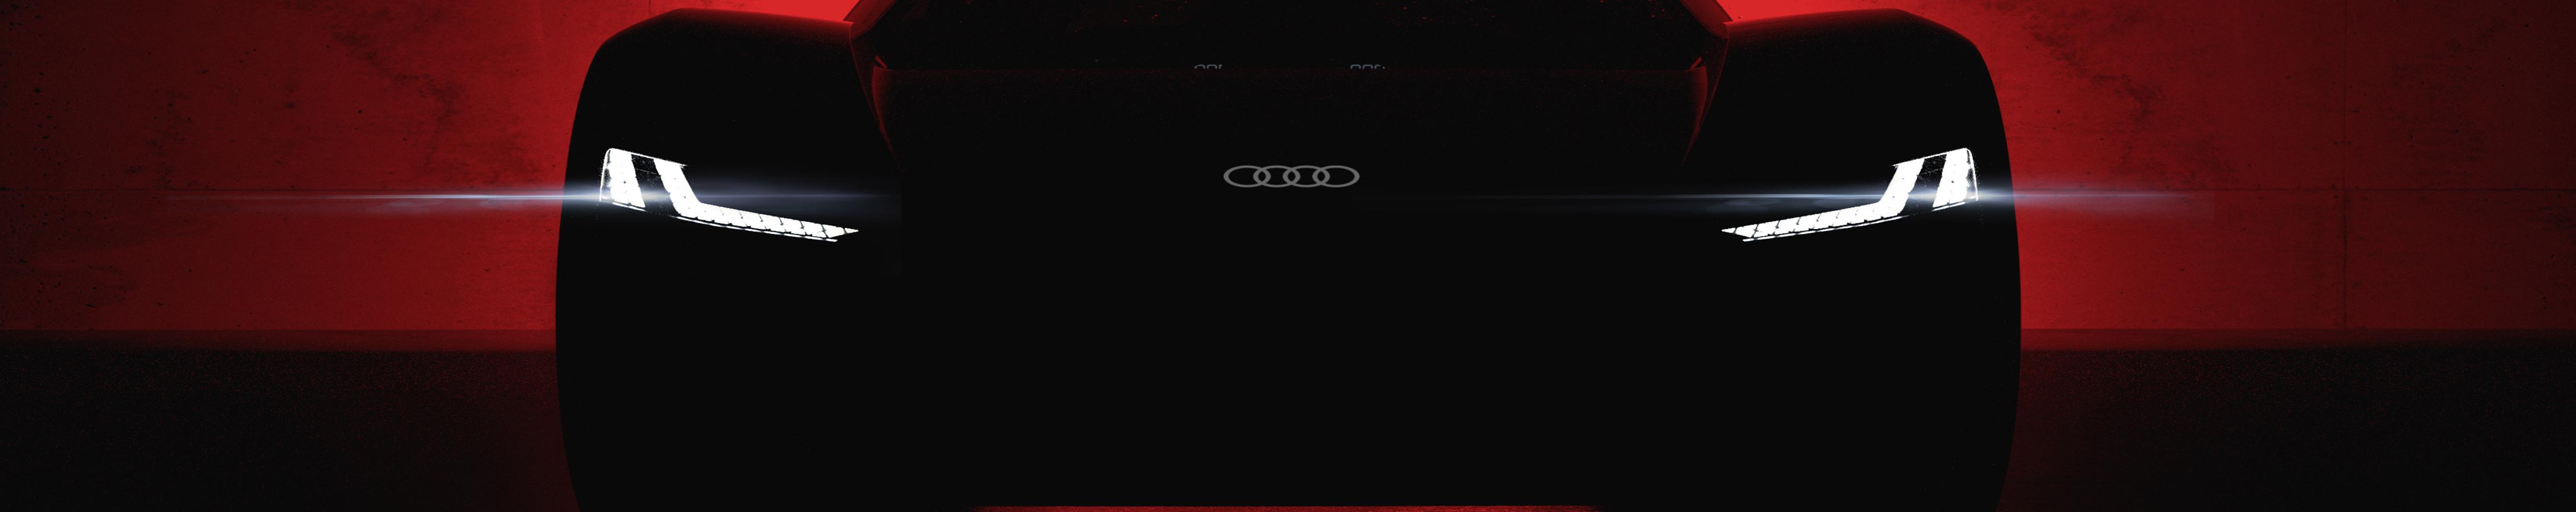 En unas semanas conoceremos al nuevo superdeportivo eléctrico de Audi, el PB18